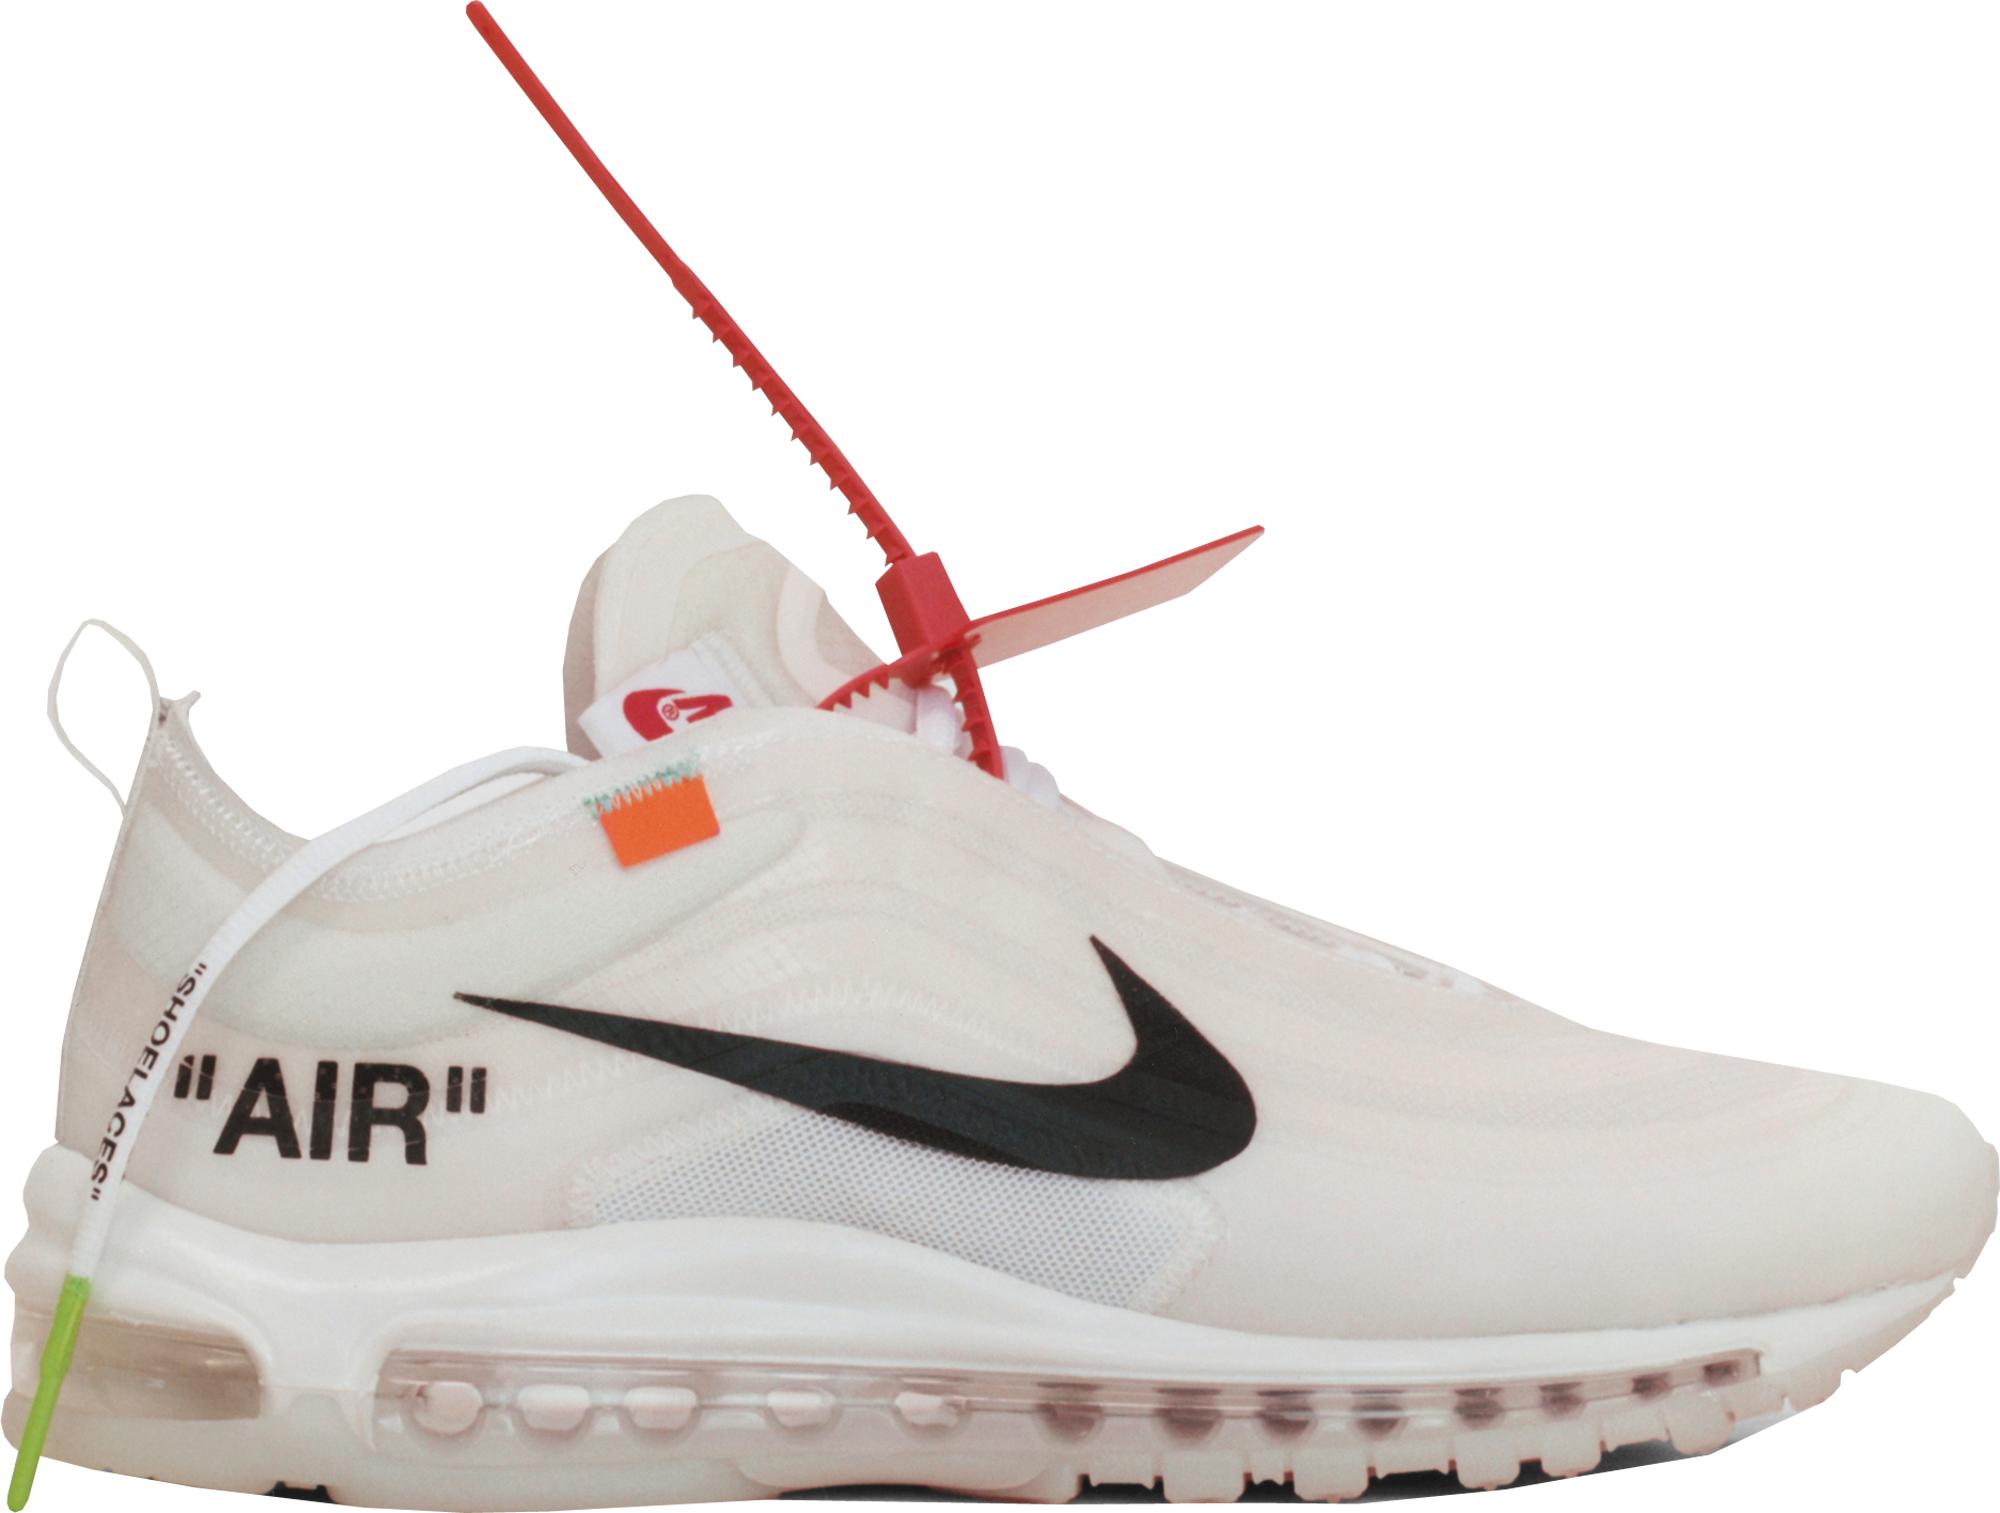 nike air max 1997 off white